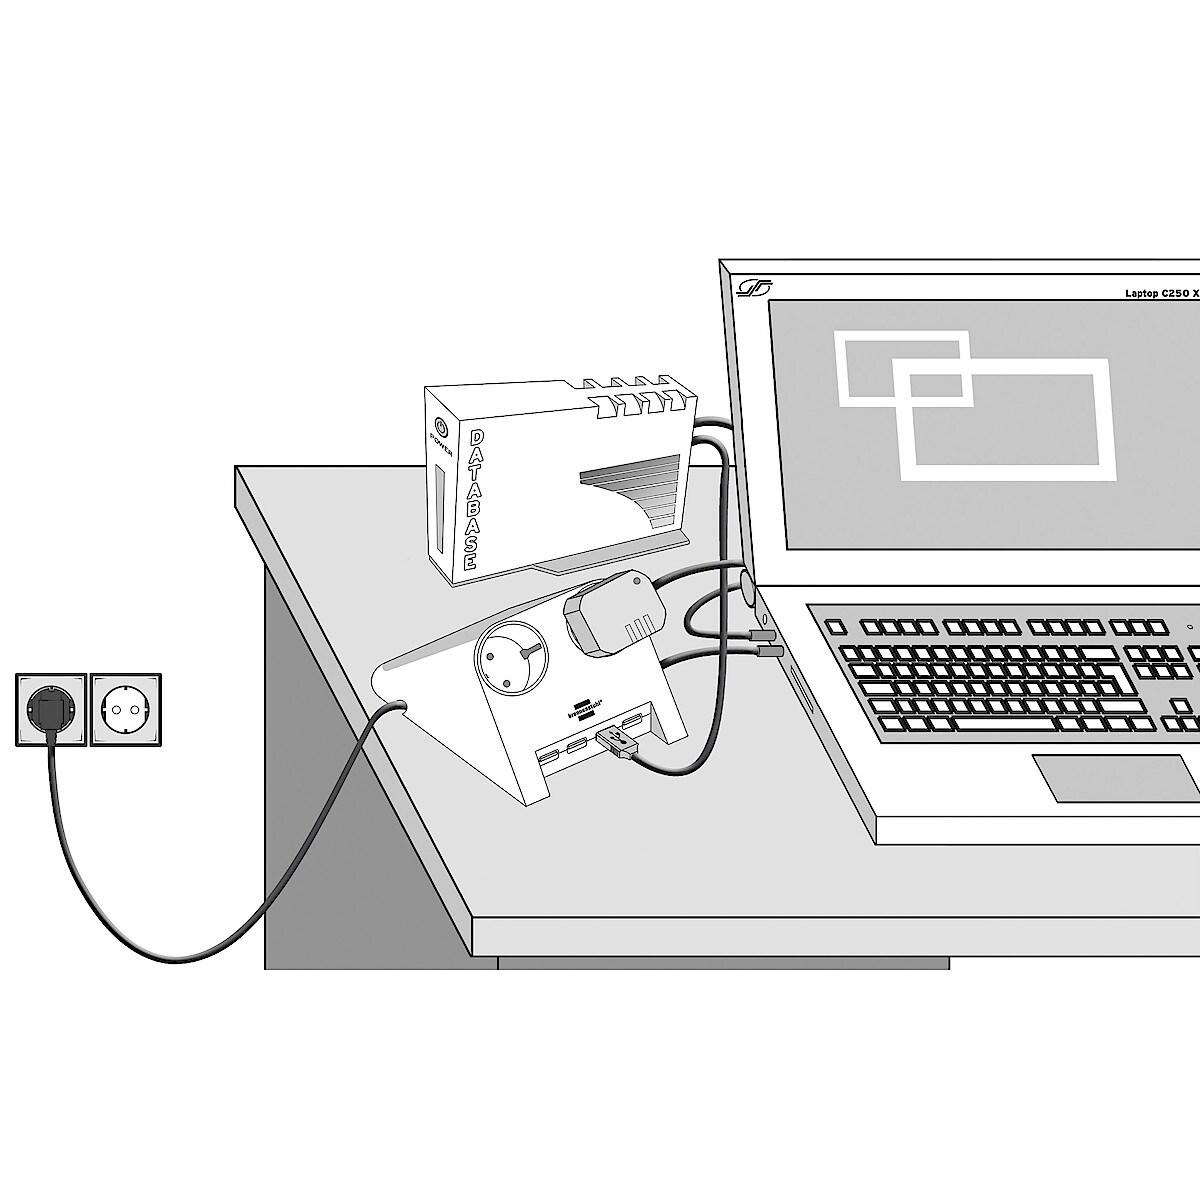 Grenuttak med USB-hub